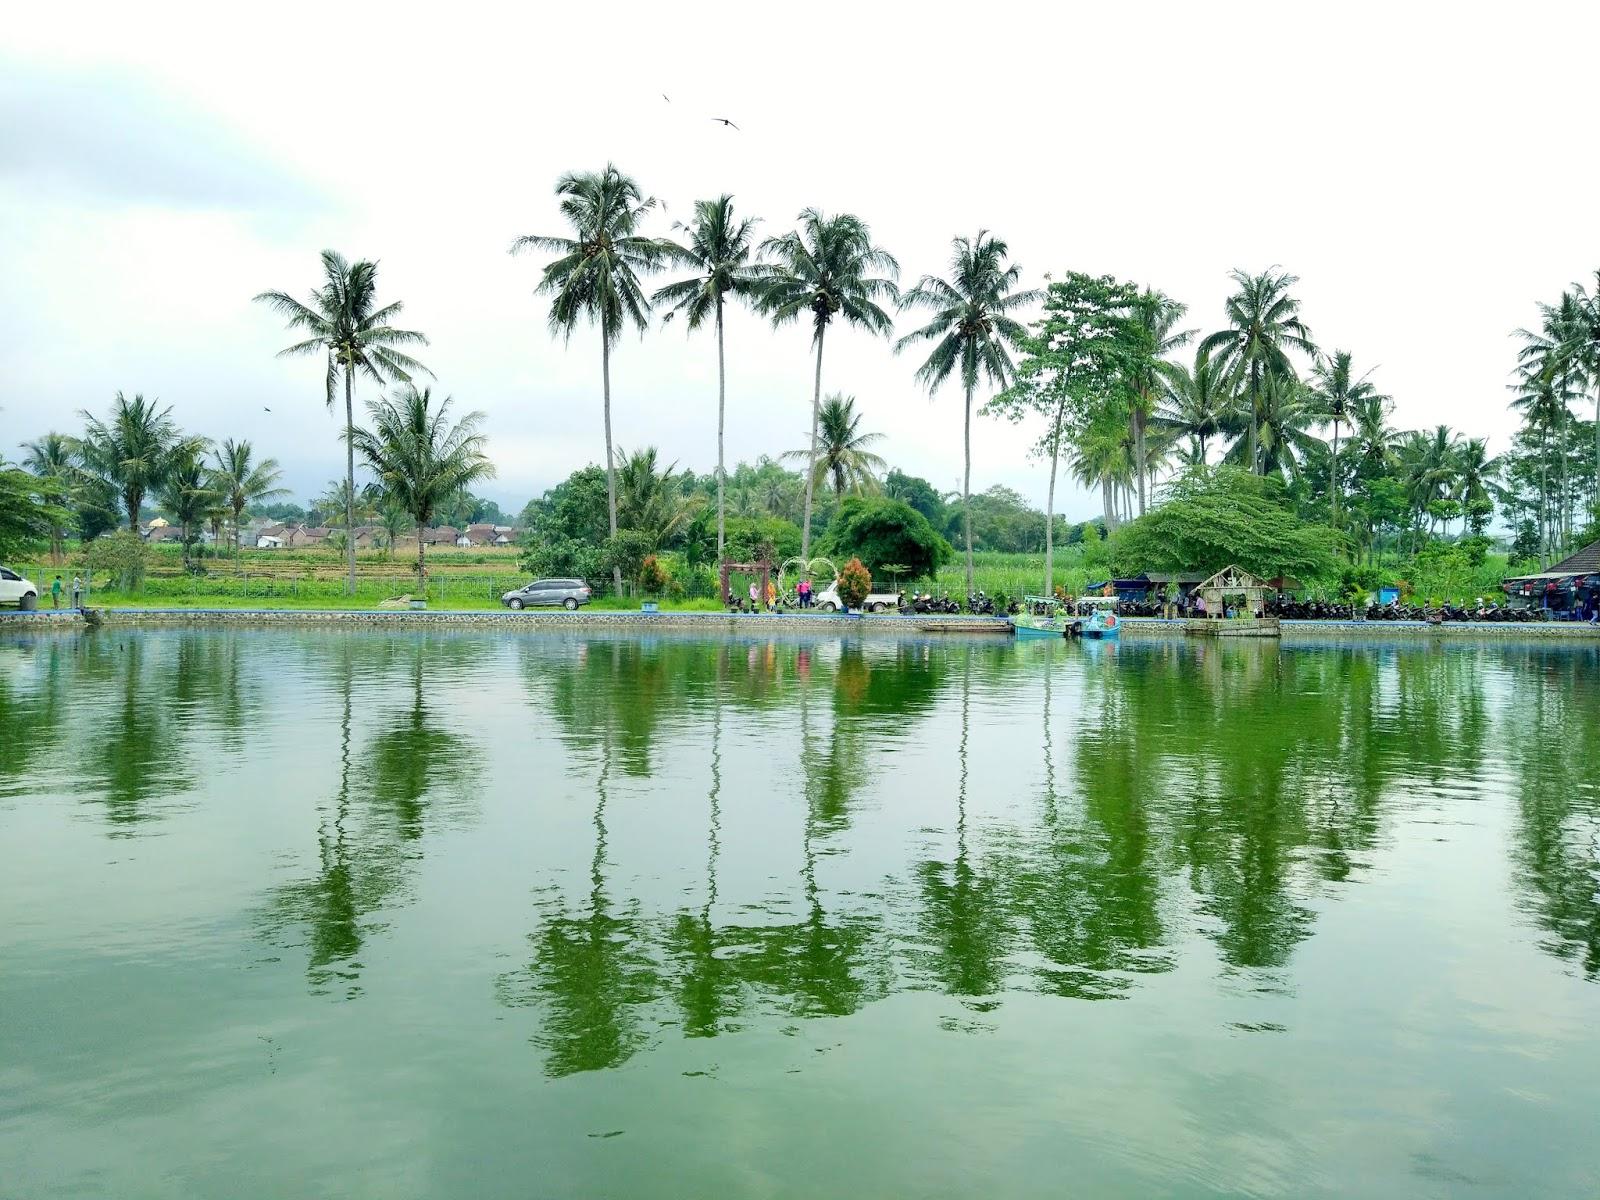 Wisata alam untuk keluarga di malang